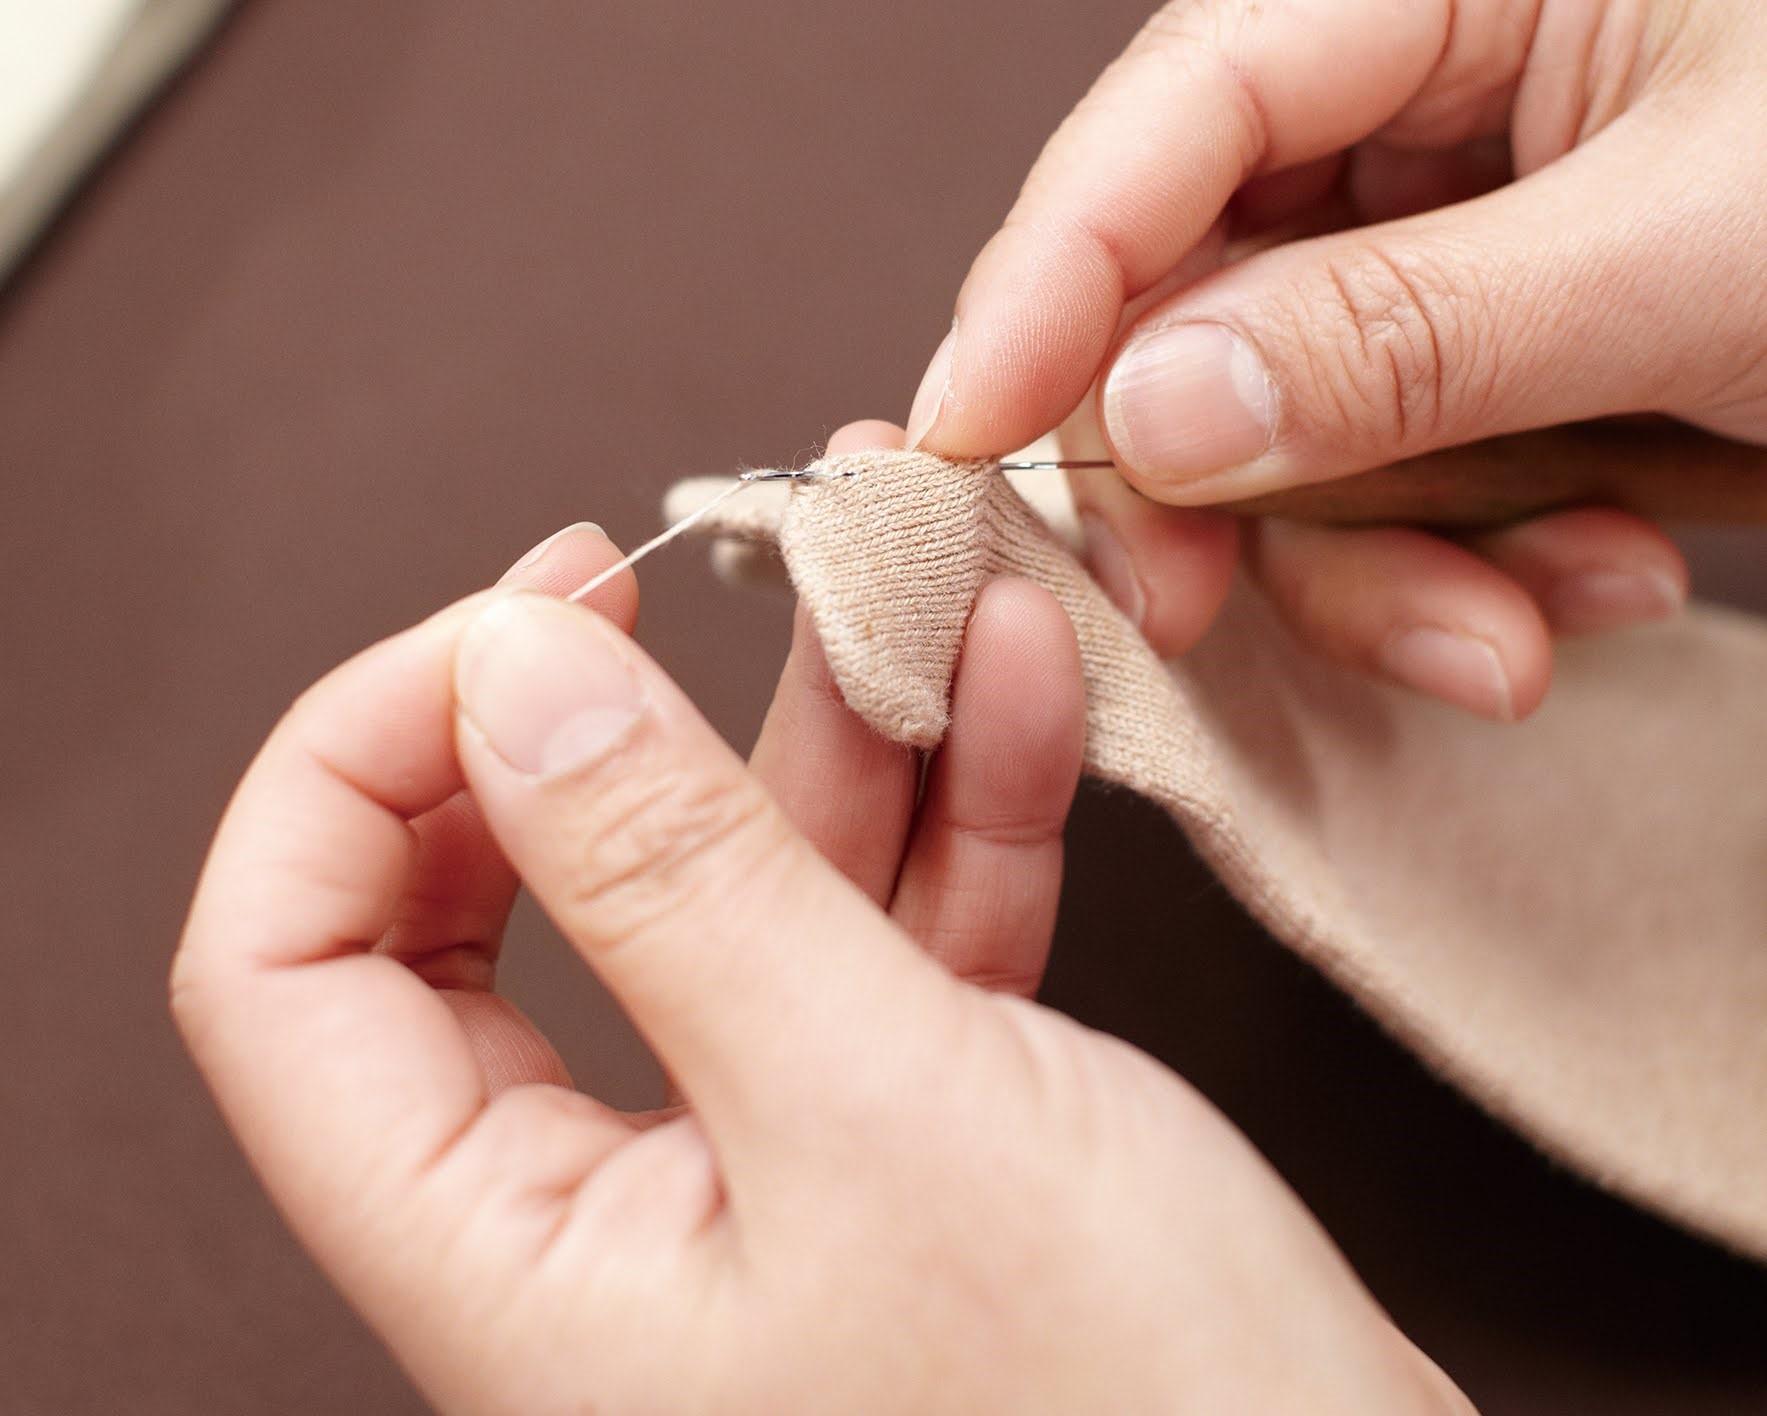 Ein Bild-Ausschnitt von zwei Händen, wie sie Loch ausgelöst durch einen losen Faden an der Zehenkammer einer Knitido Zehensocke stopfen.